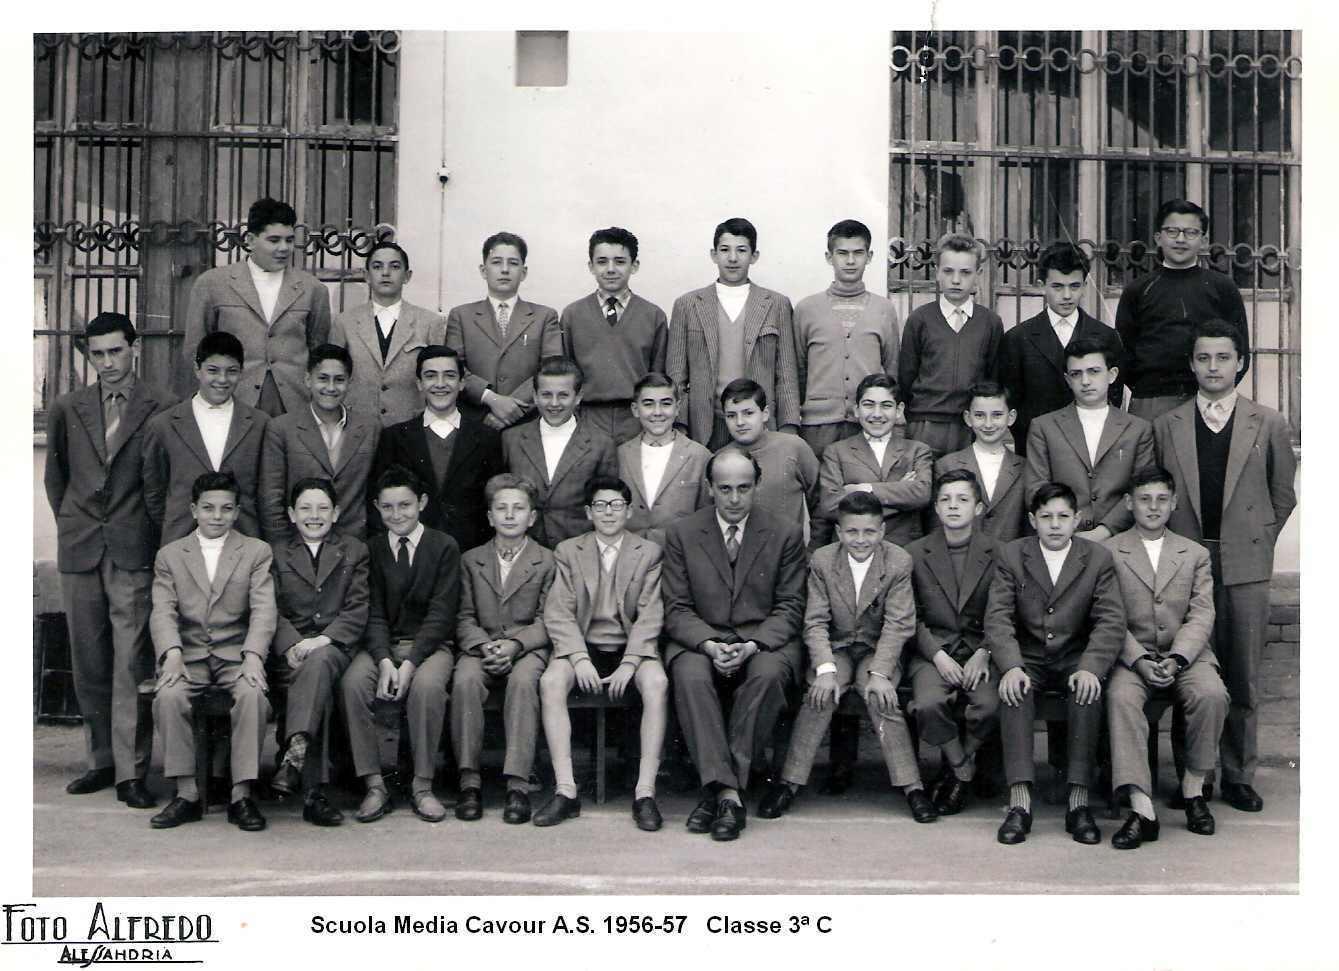 AS 1956-57 3 C